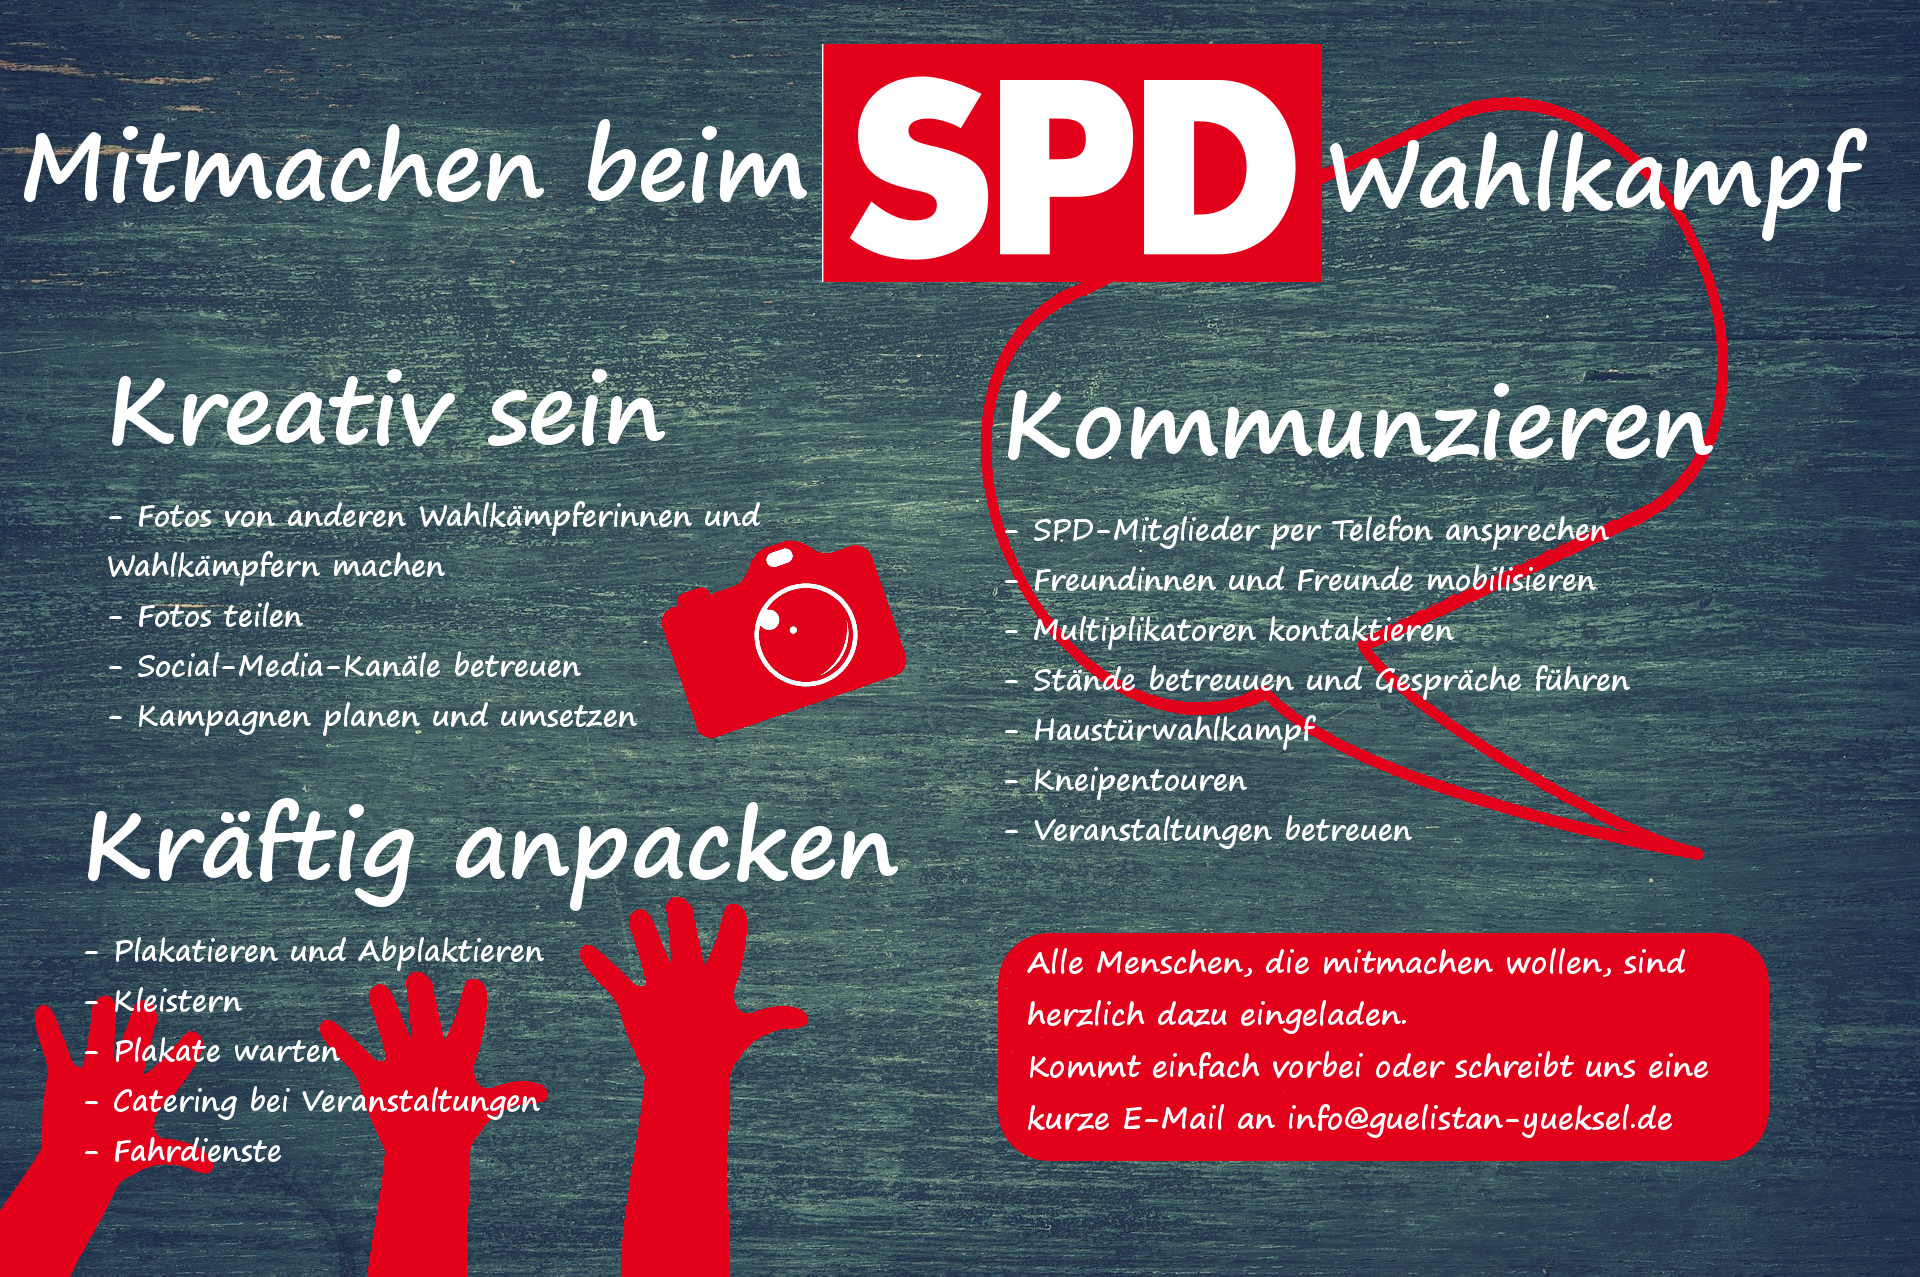 Wahlkampfteam_mitmachen